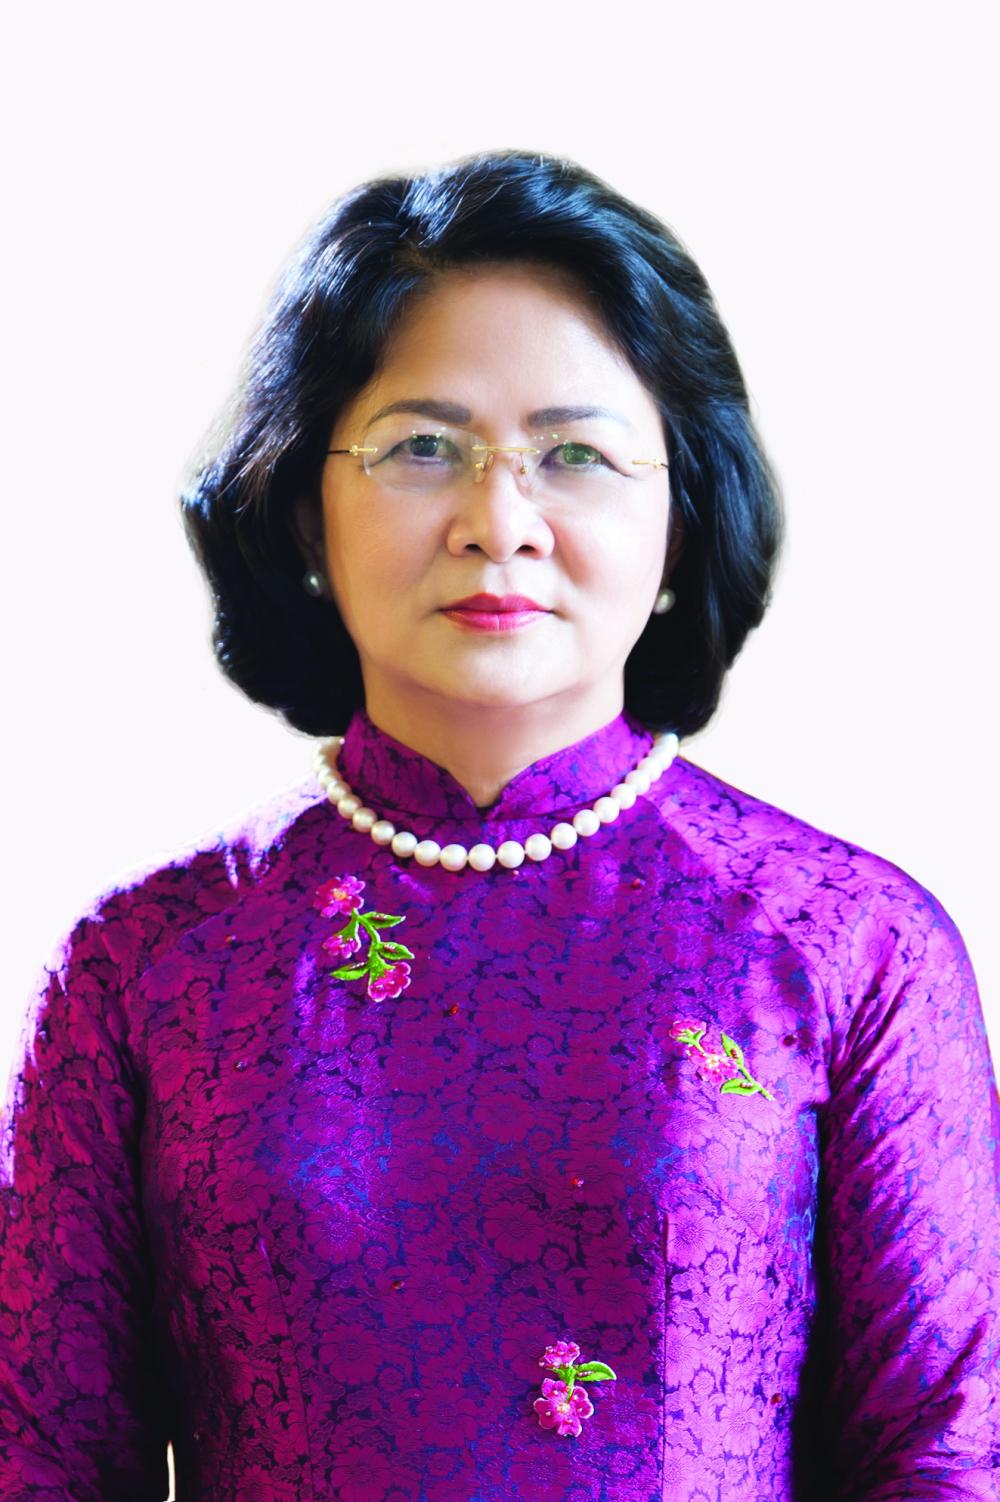 Bà Đặng Thị Ngọc Thịnh Ủy viên Trung ương Đảng, Phó chủ tịch nước Cộng hòa Xã hội Chủ nghĩa Việt Nam